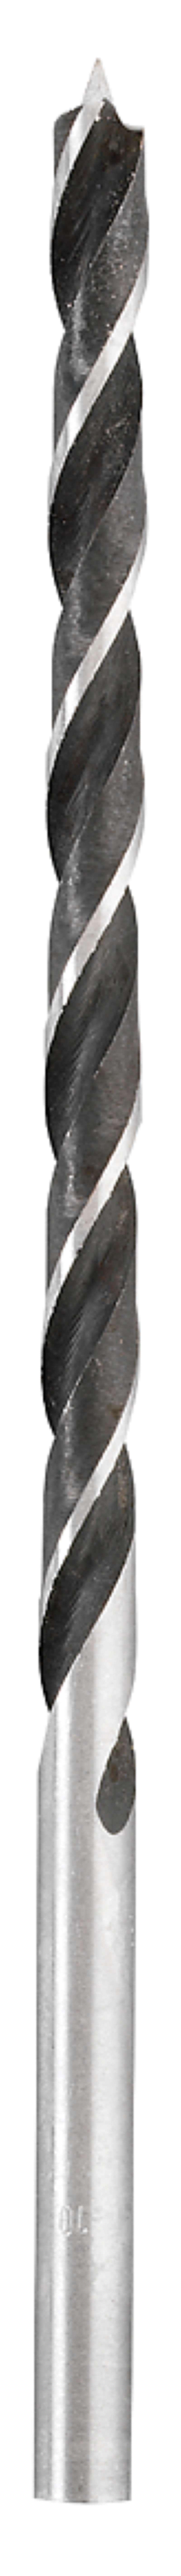 Сверло по дереву Kwb 5128-14